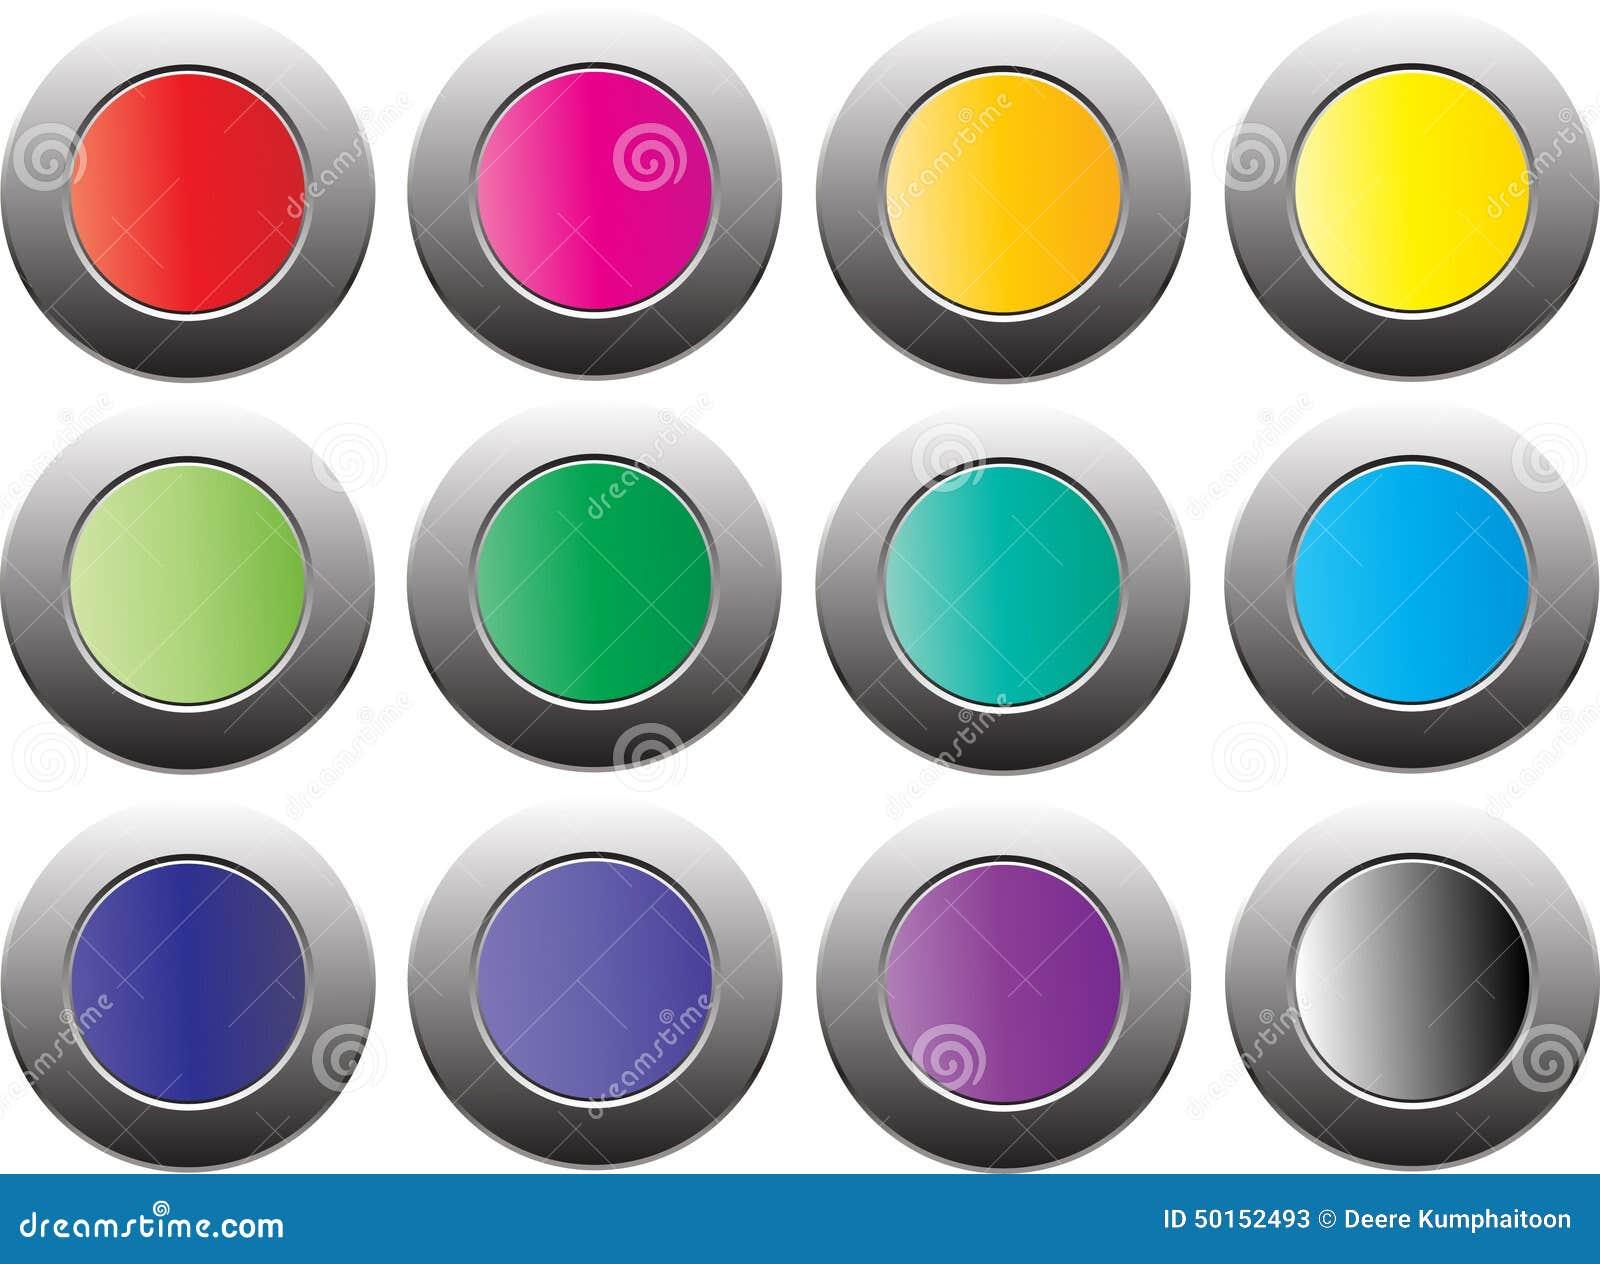 Покрасьте кнопку на белой предпосылке, изолированной для вебсайта, реклама, социальный маркетинг